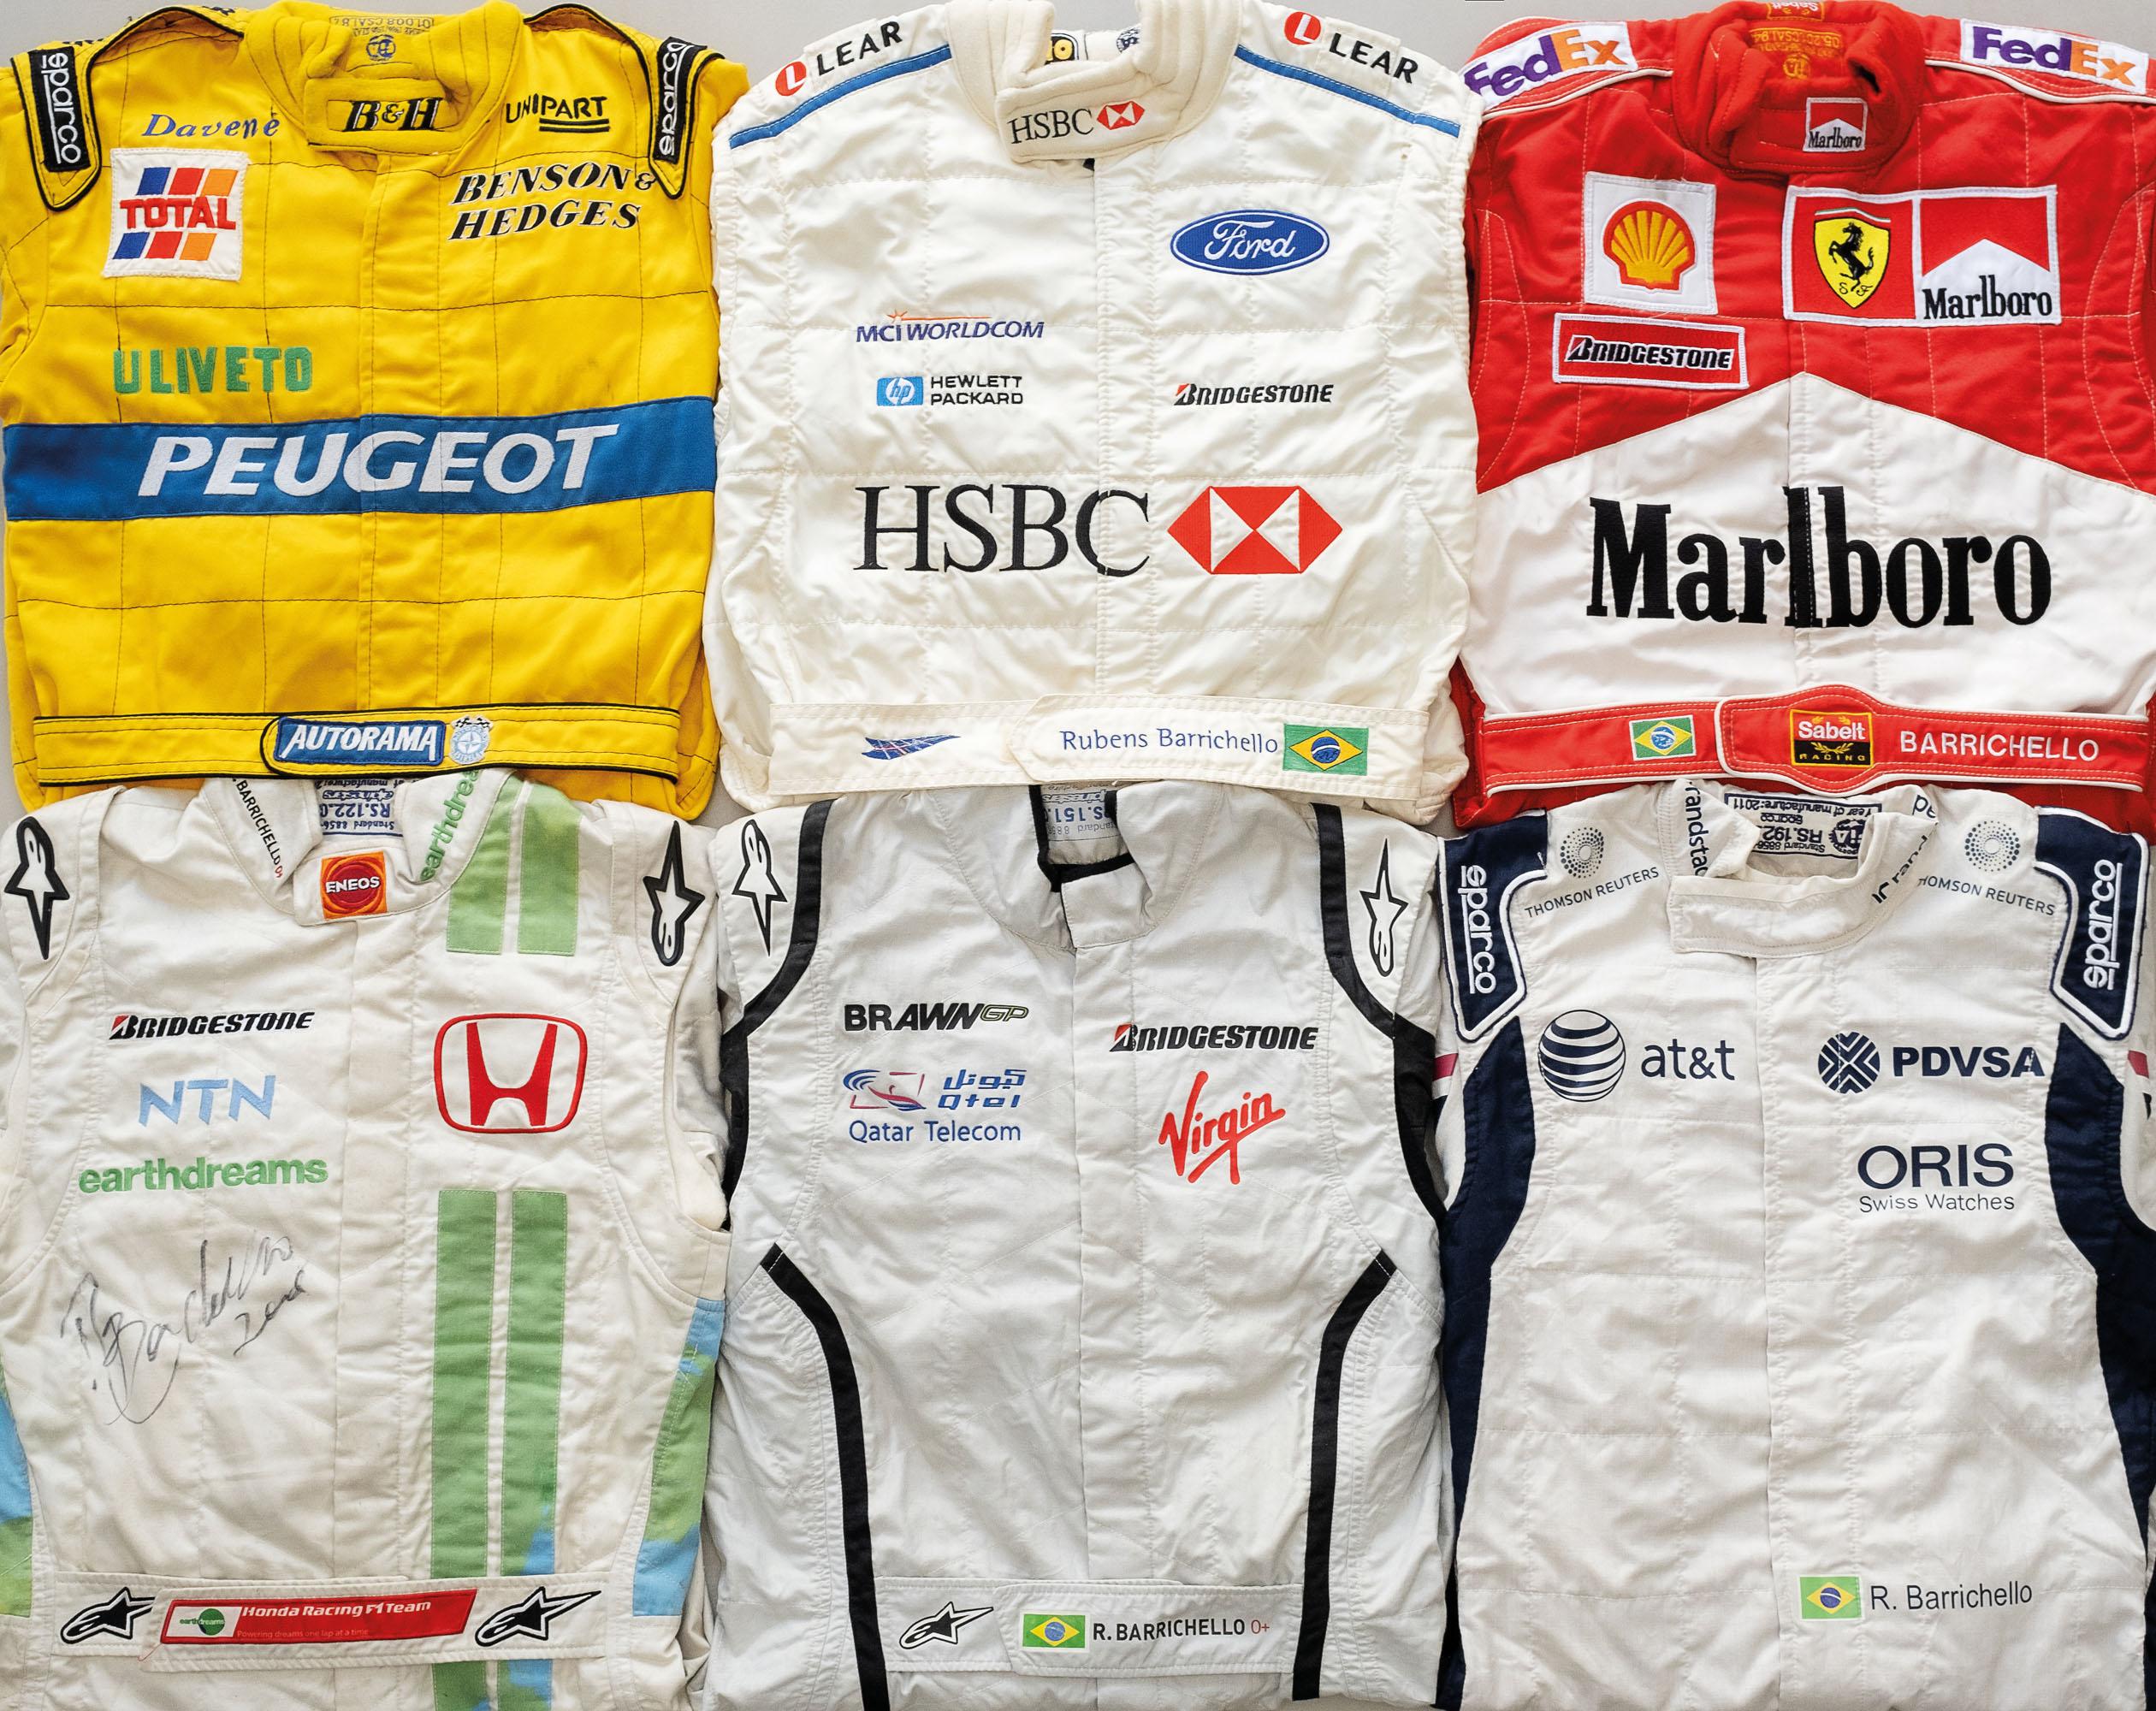 Barrichello em seis equipes: Jordan, Stewart, Ferrari, Honda, Brawn GP e Williams